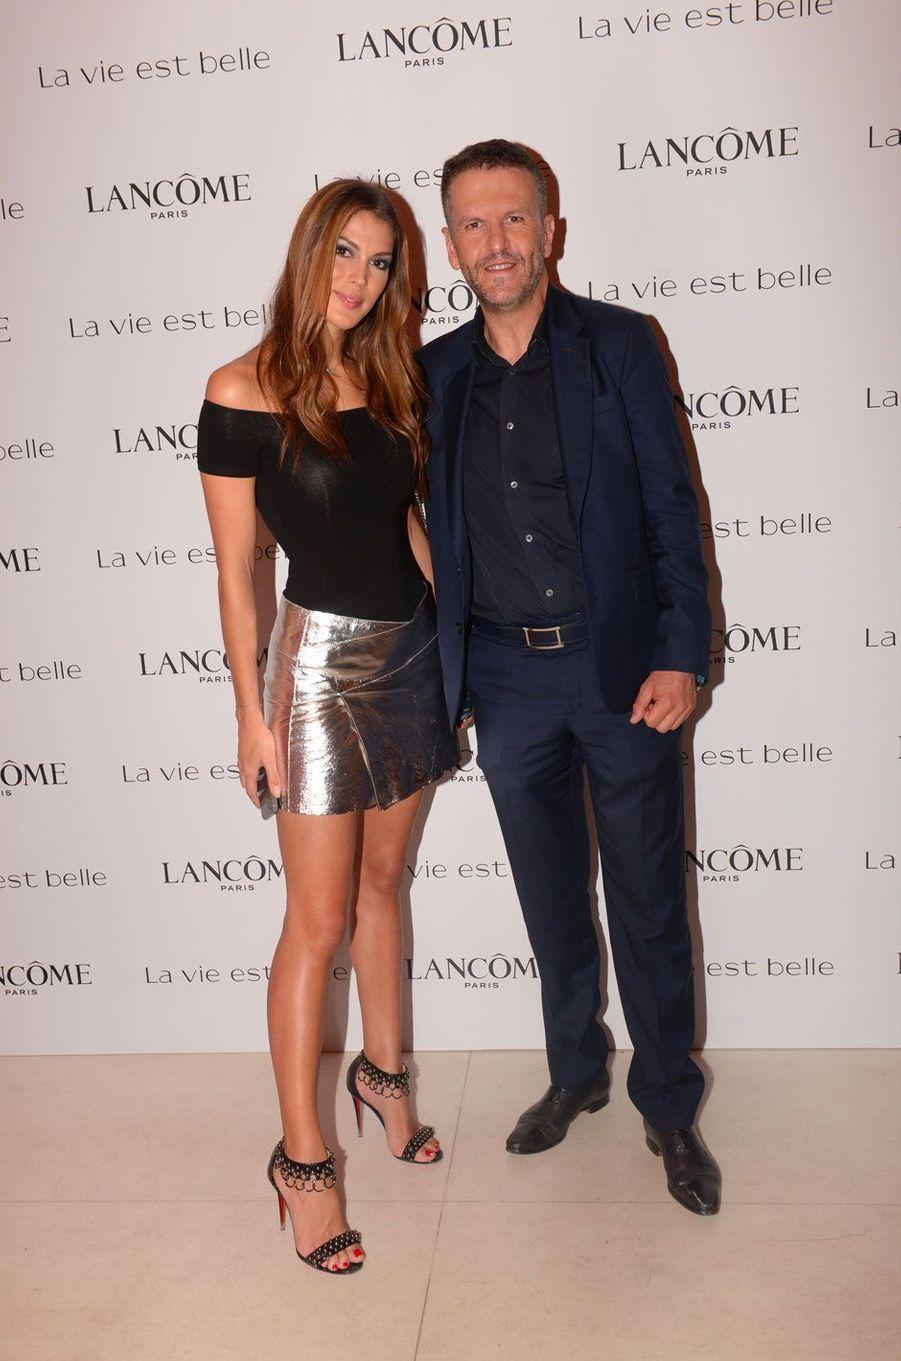 Iris Mittenaere et Tamim El Mili (Directeur Général L'Oréal Luxe France) à la soirée Lancôme, à Paris le 12 septembre 2018